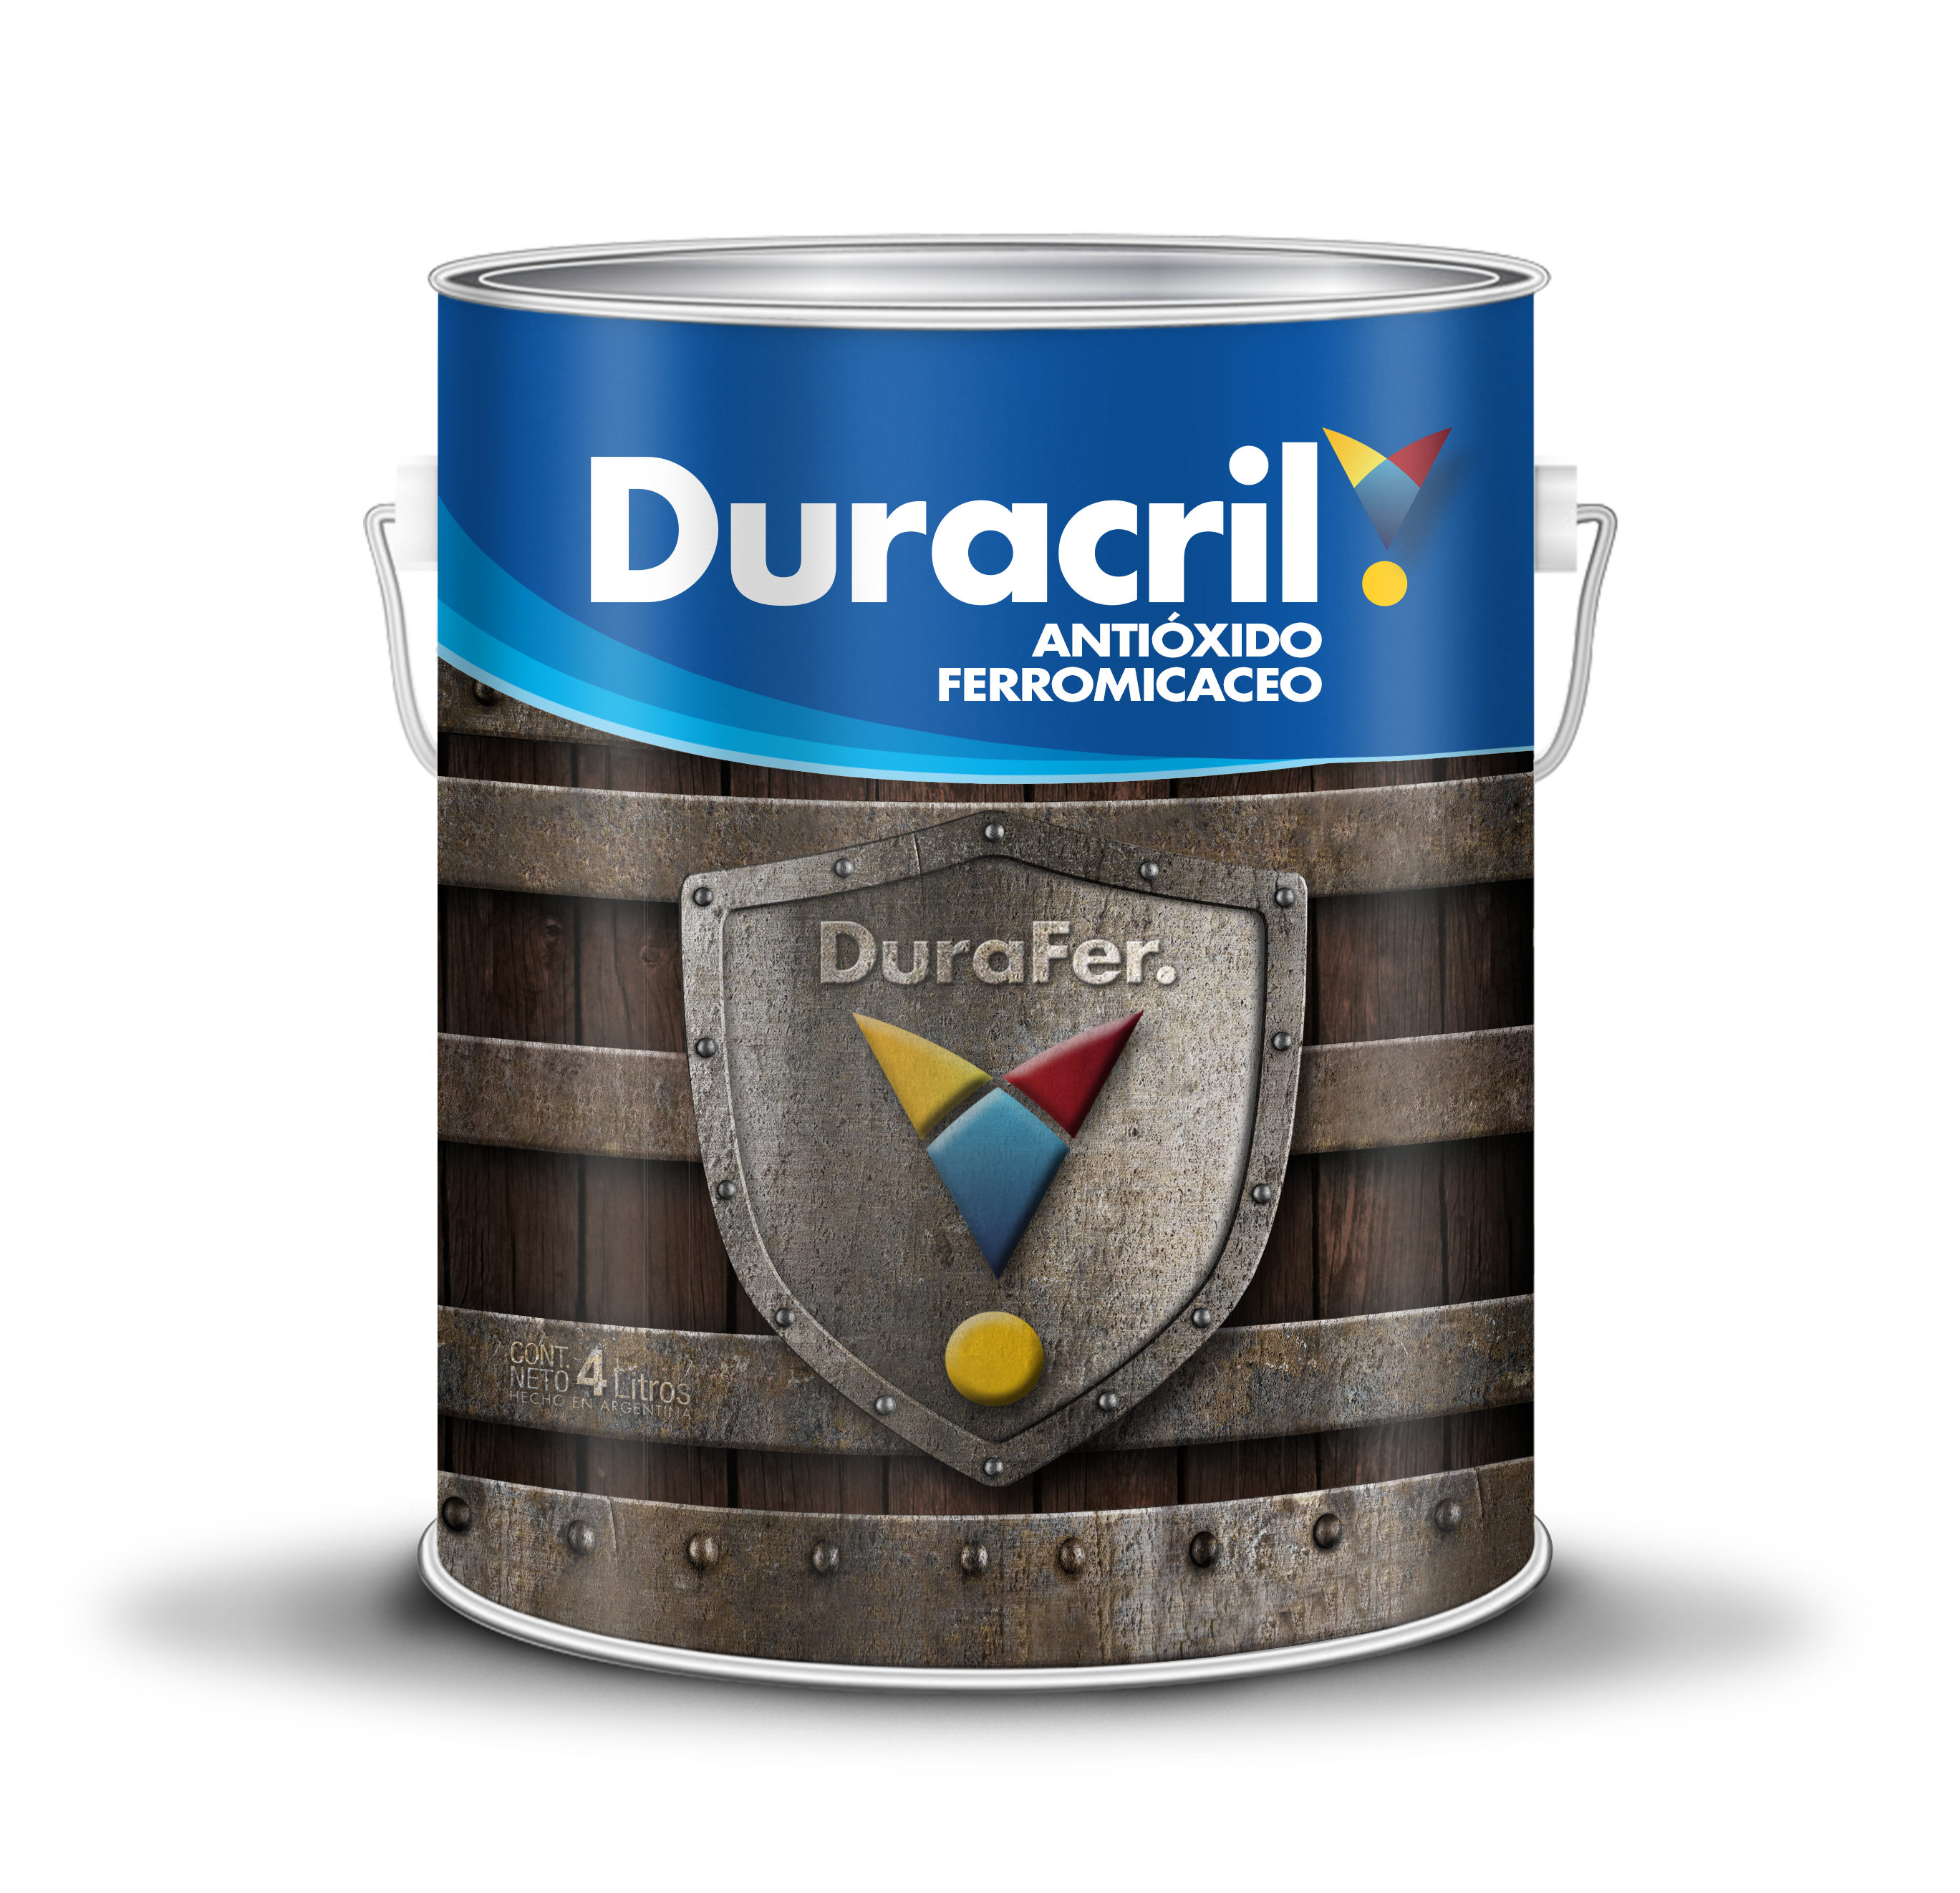 DuracrilDURAFER